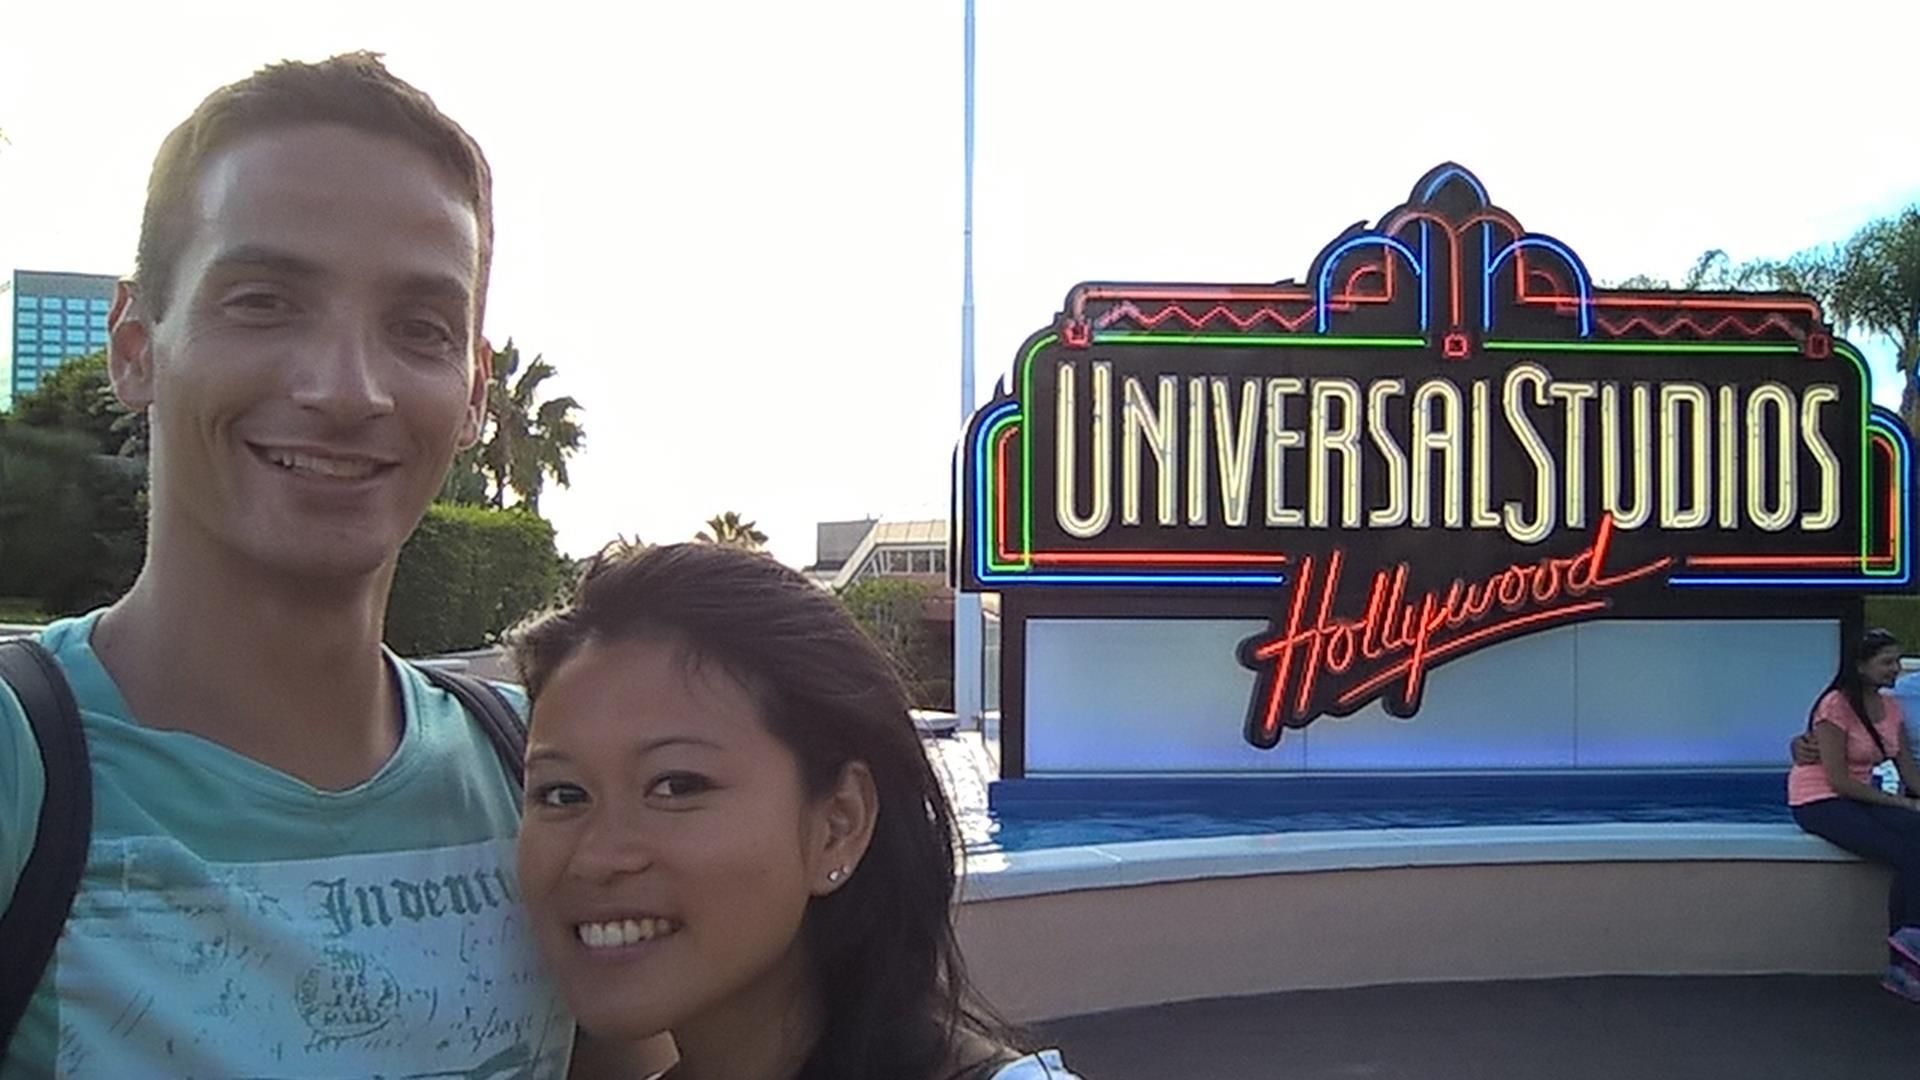 ... und Universal Studios am späten Abend